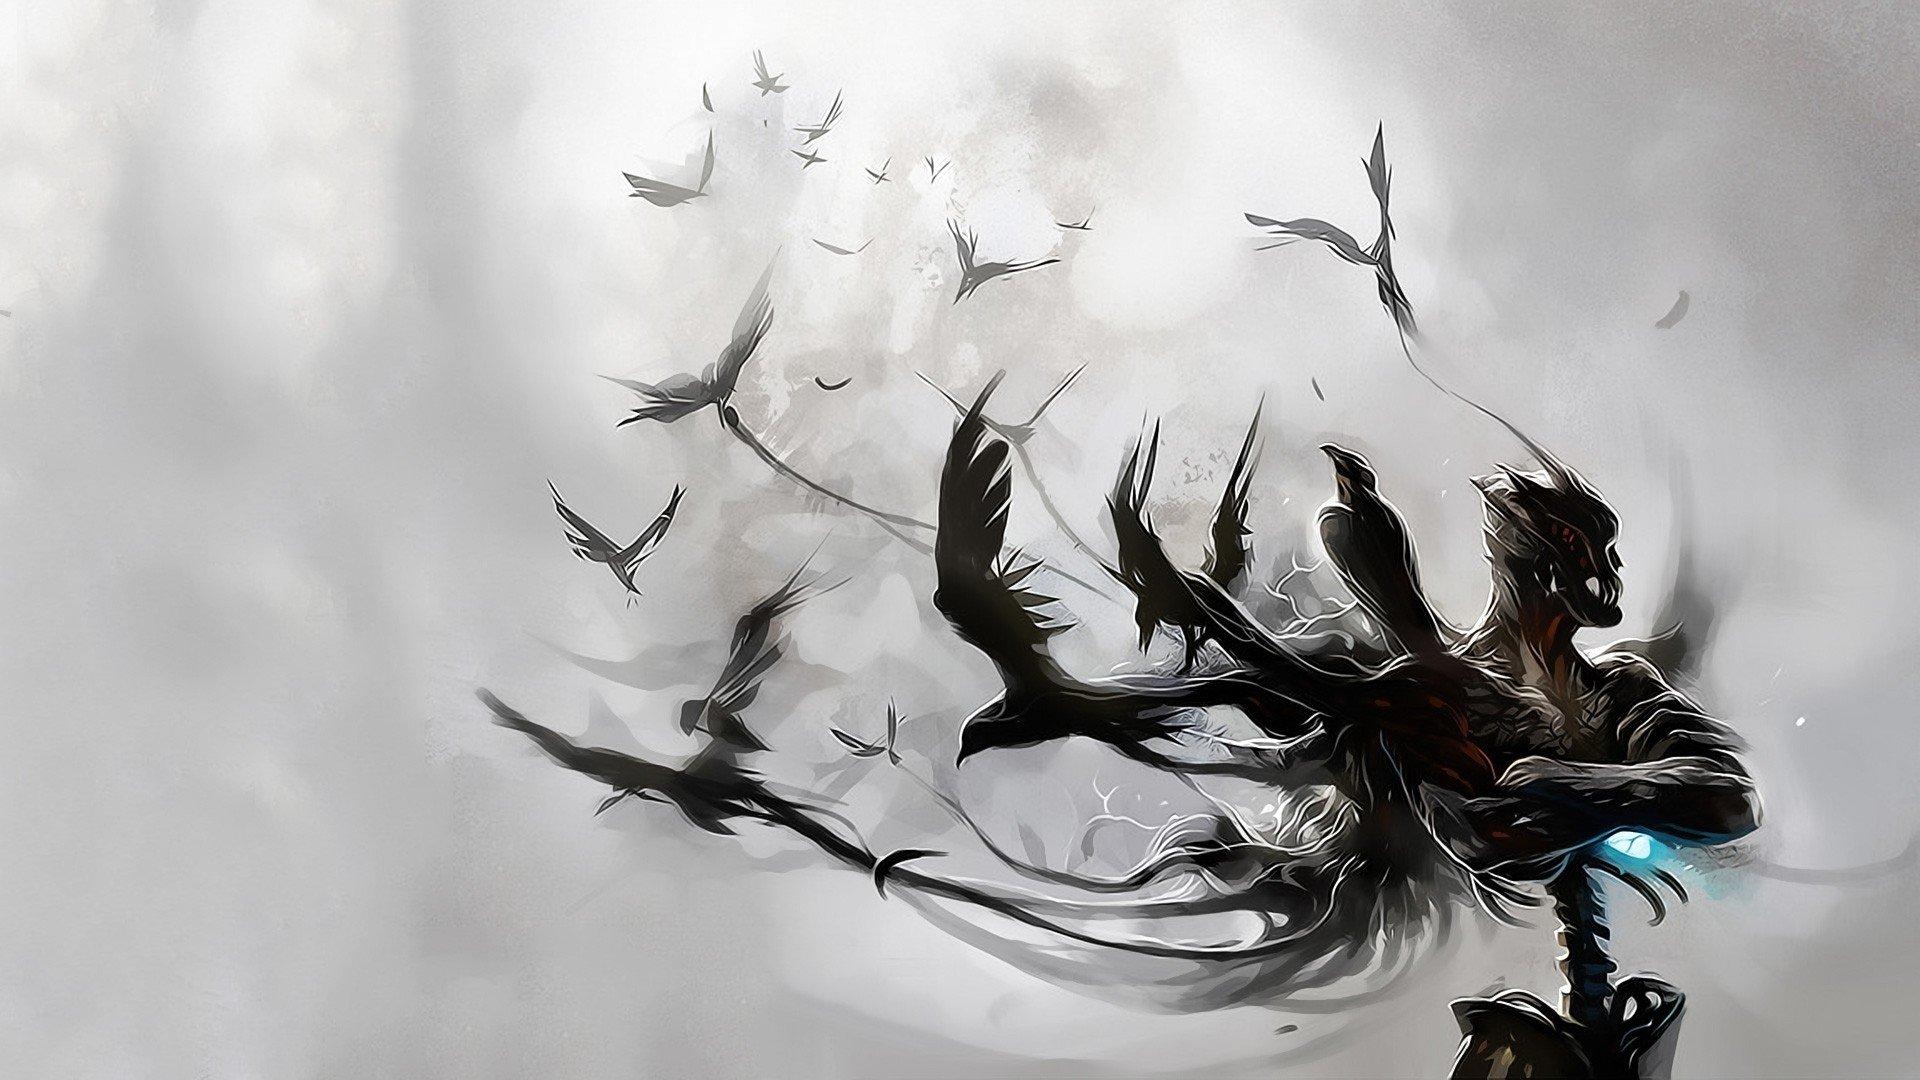 голову летящая тьма картинки есть пожелания